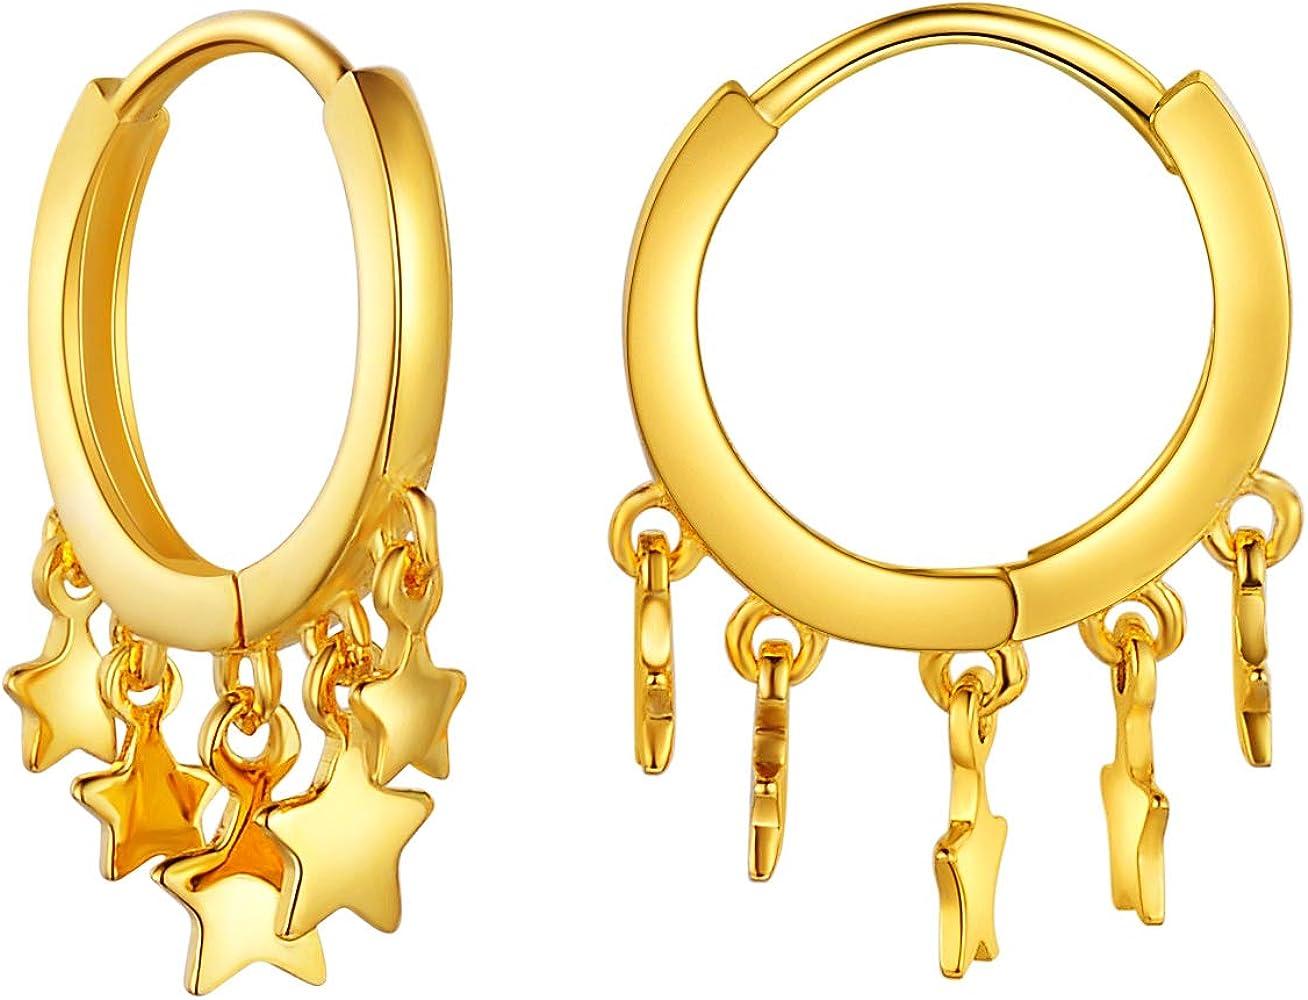 SixLuo-Pendientes de Plata 925 Forma en Estrellas Aros con Caja de Regalo para Mujer Chicas Color de Oro